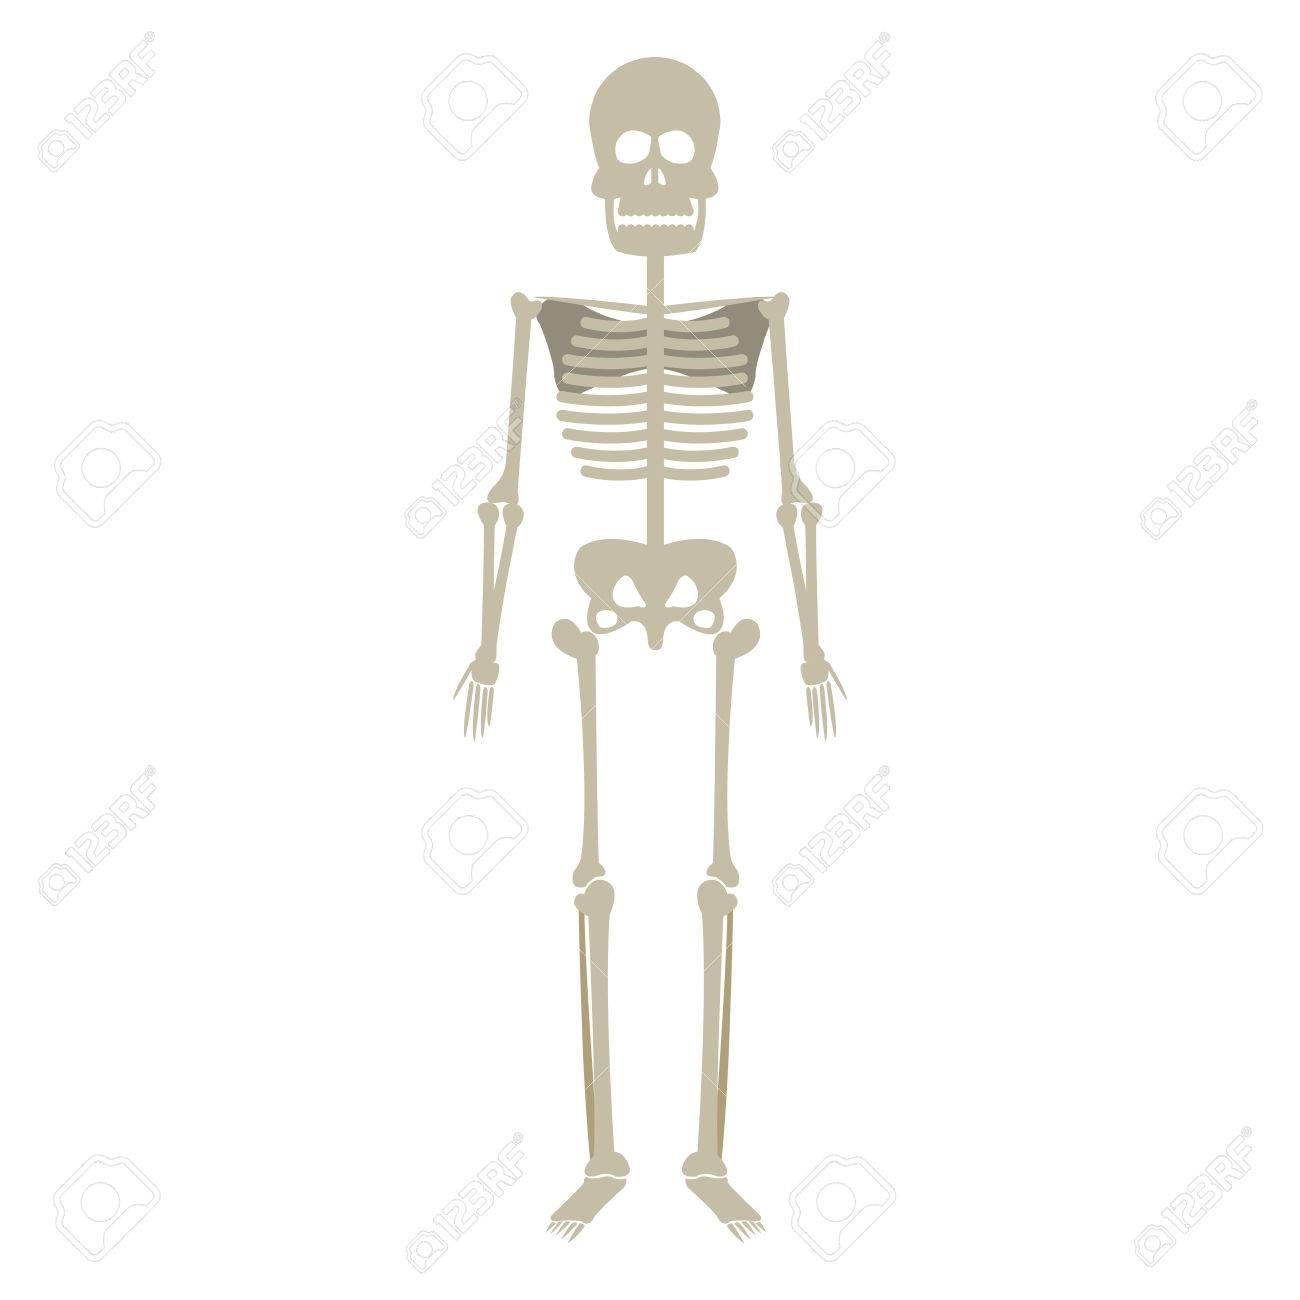 スケルトン人体解剖学頭蓋骨骨医療科学イラスト ロイヤリティフリー